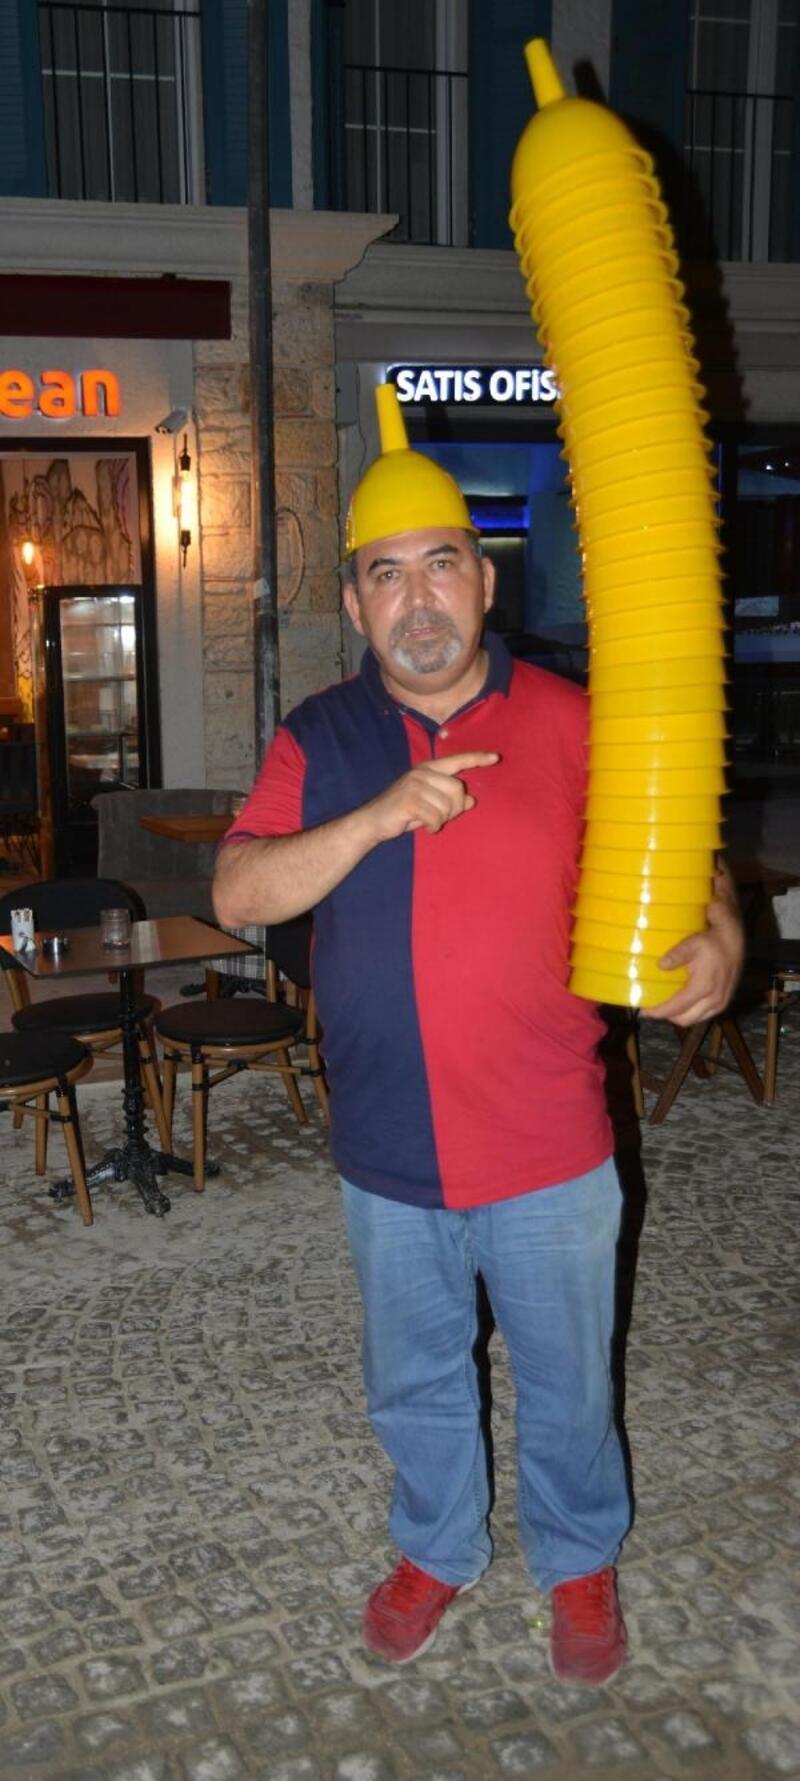 Çeşme'de tatilciler eğlence için huniye 20 lira veriyor